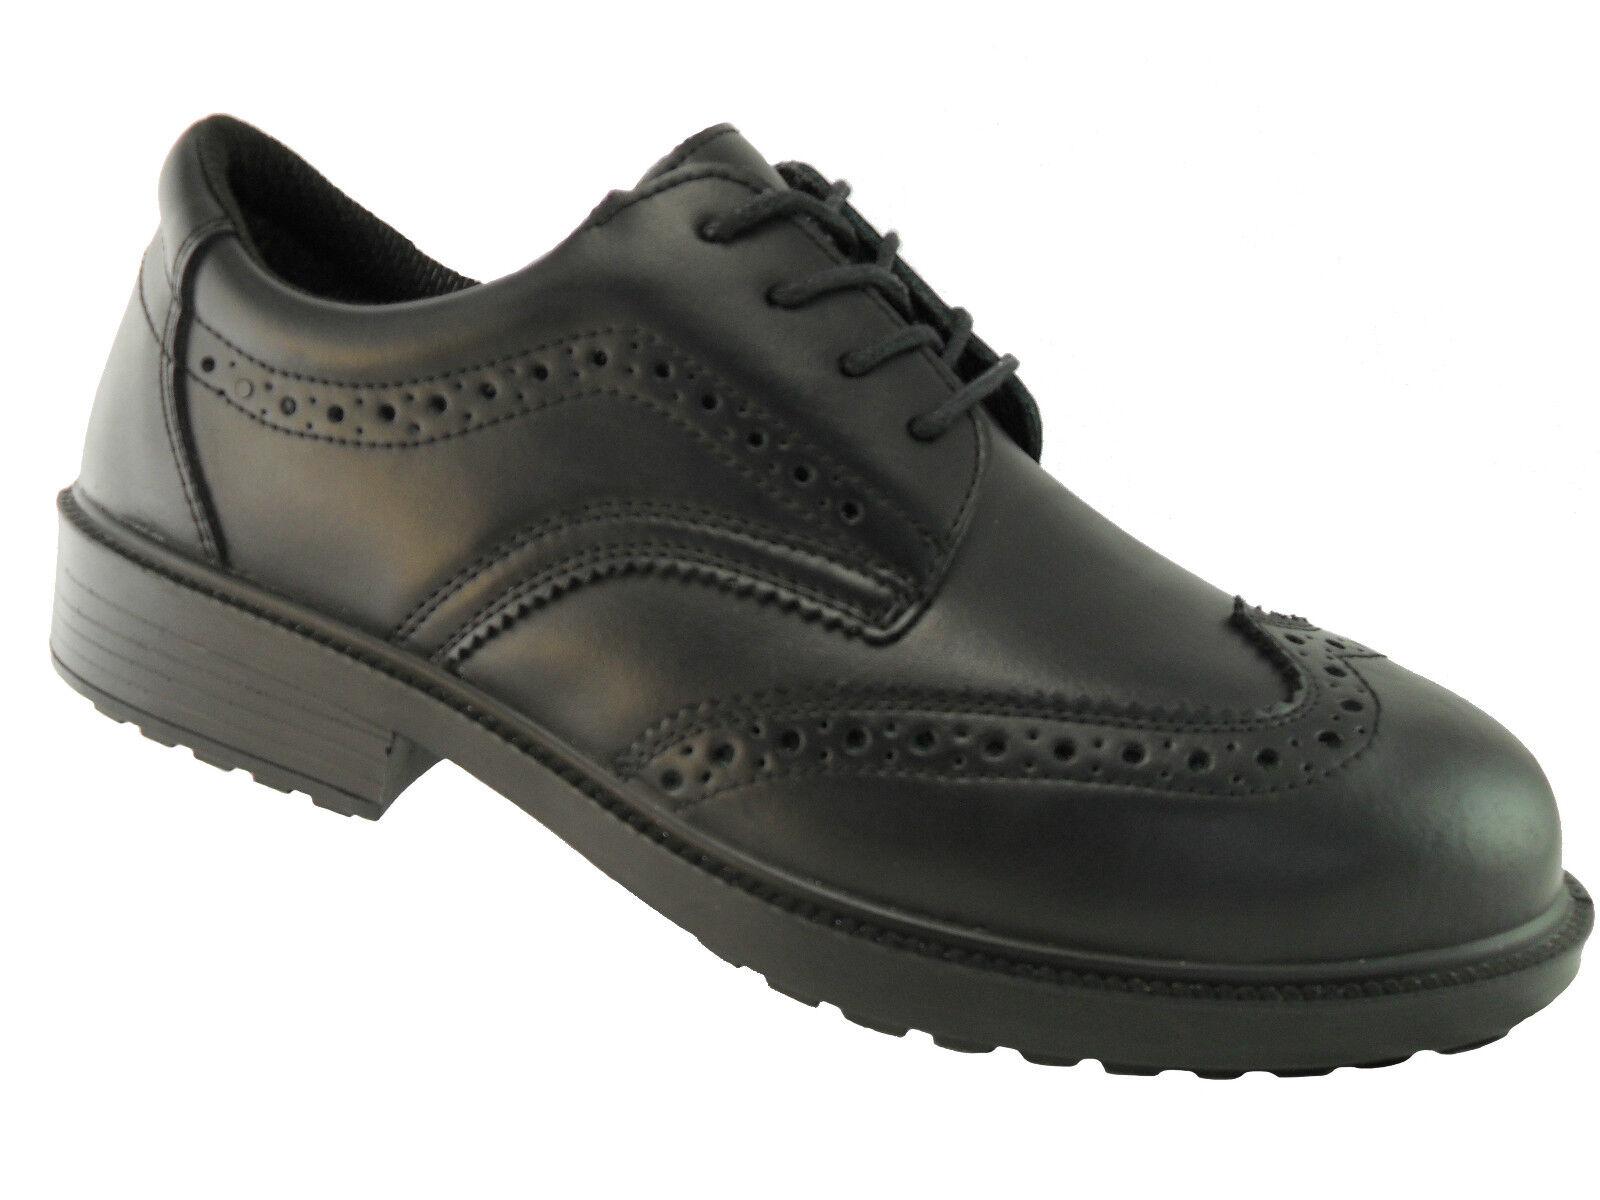 Rock Fall TOMCAT Brooklyn TC500 Nero Acciaio Toe Oxford CALATA scarpe antinfortunistiche ESD Scarpe classiche da uomo